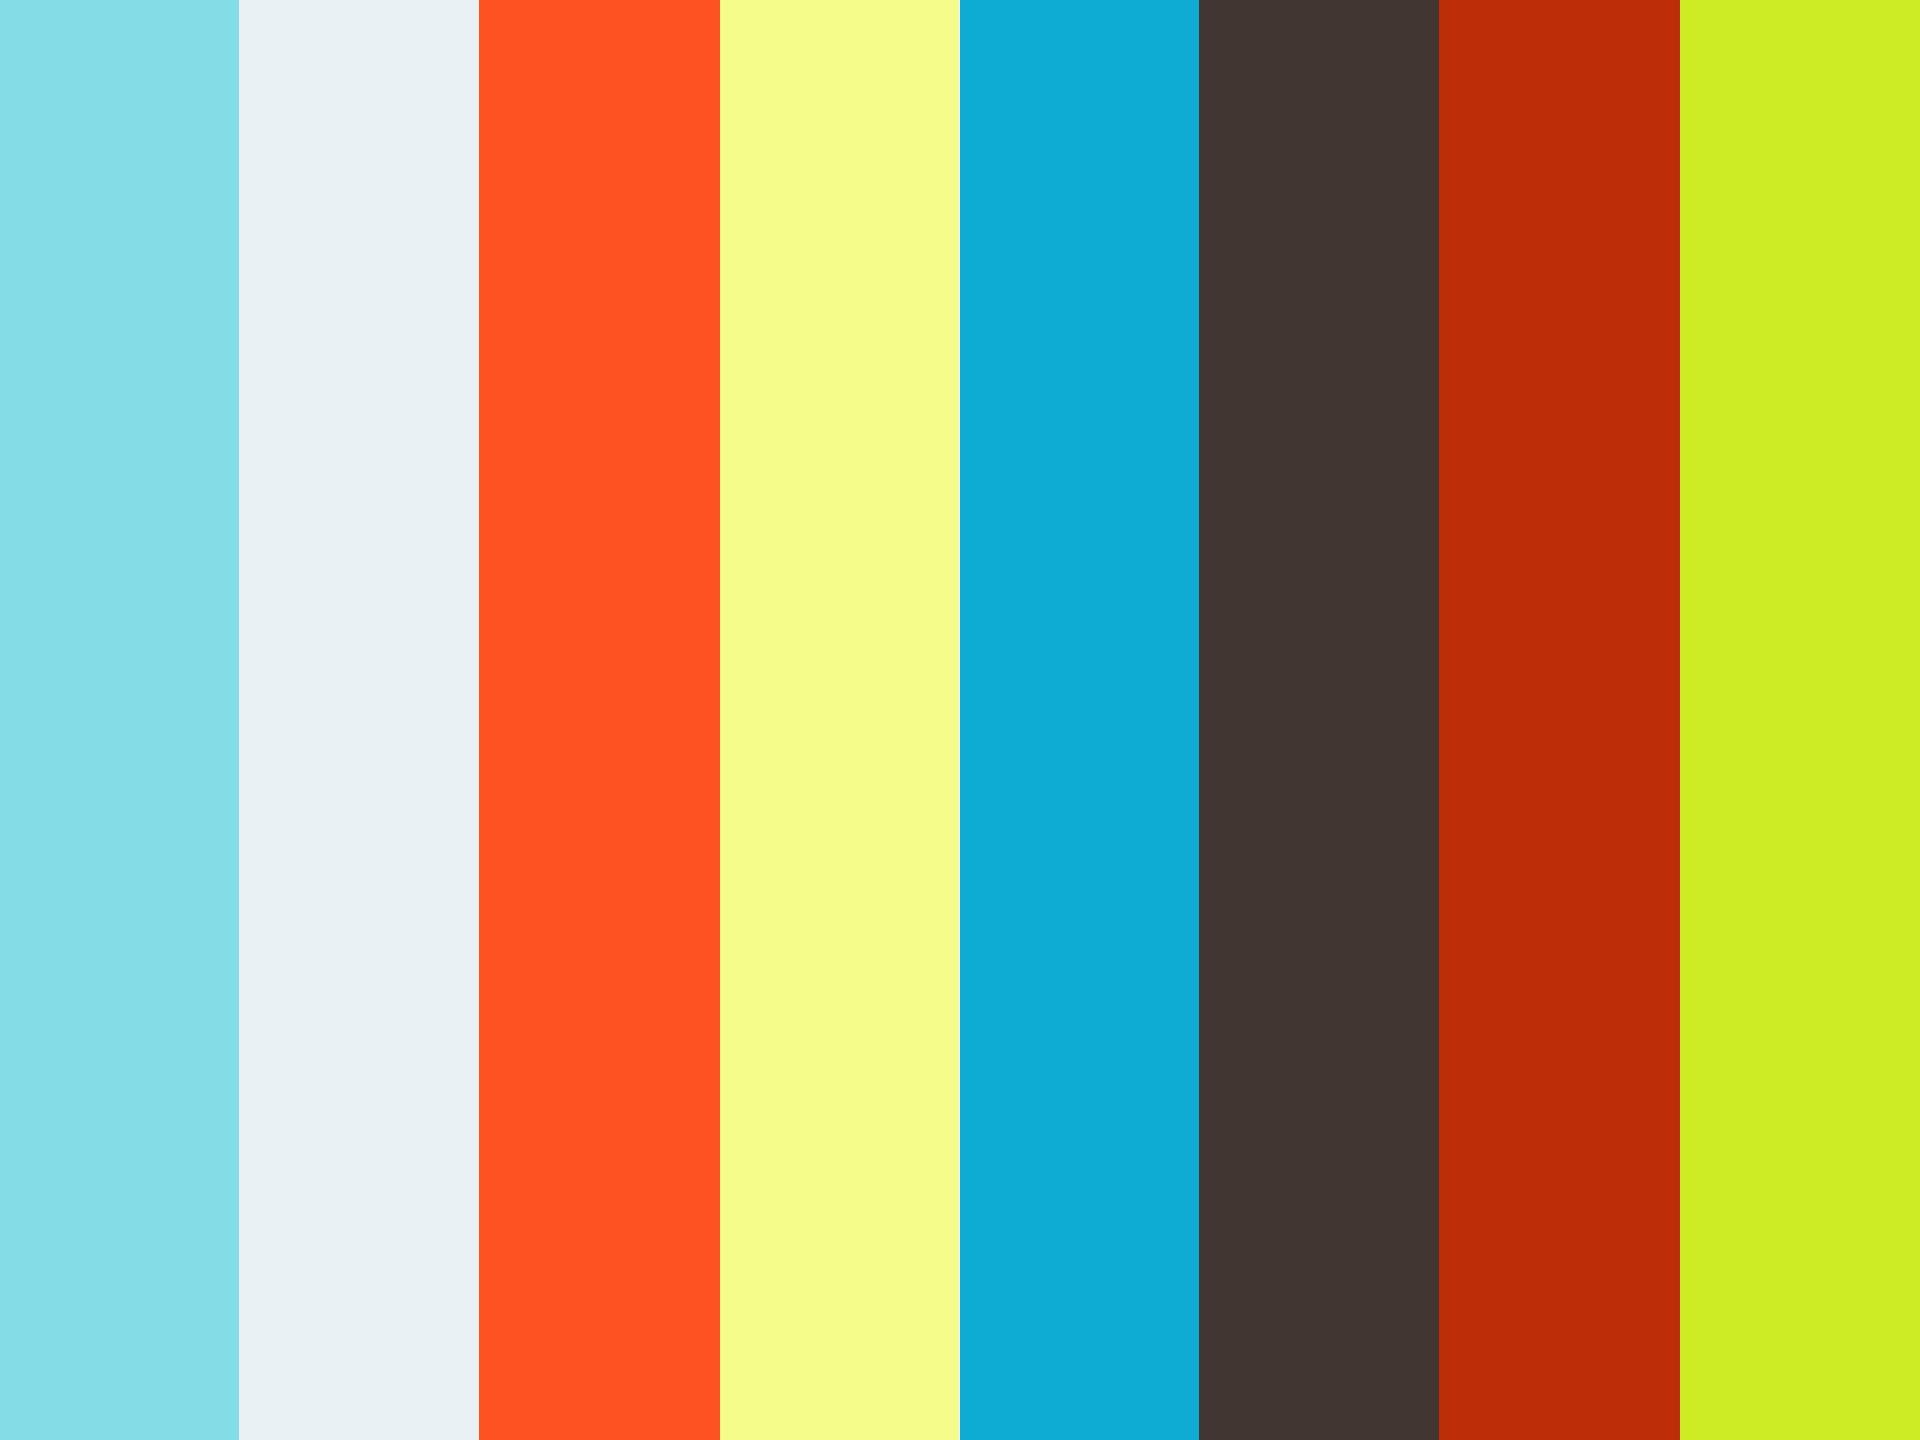 בגן העדן: אוזי רייט וצוות וולקום זורחים במנטאווי